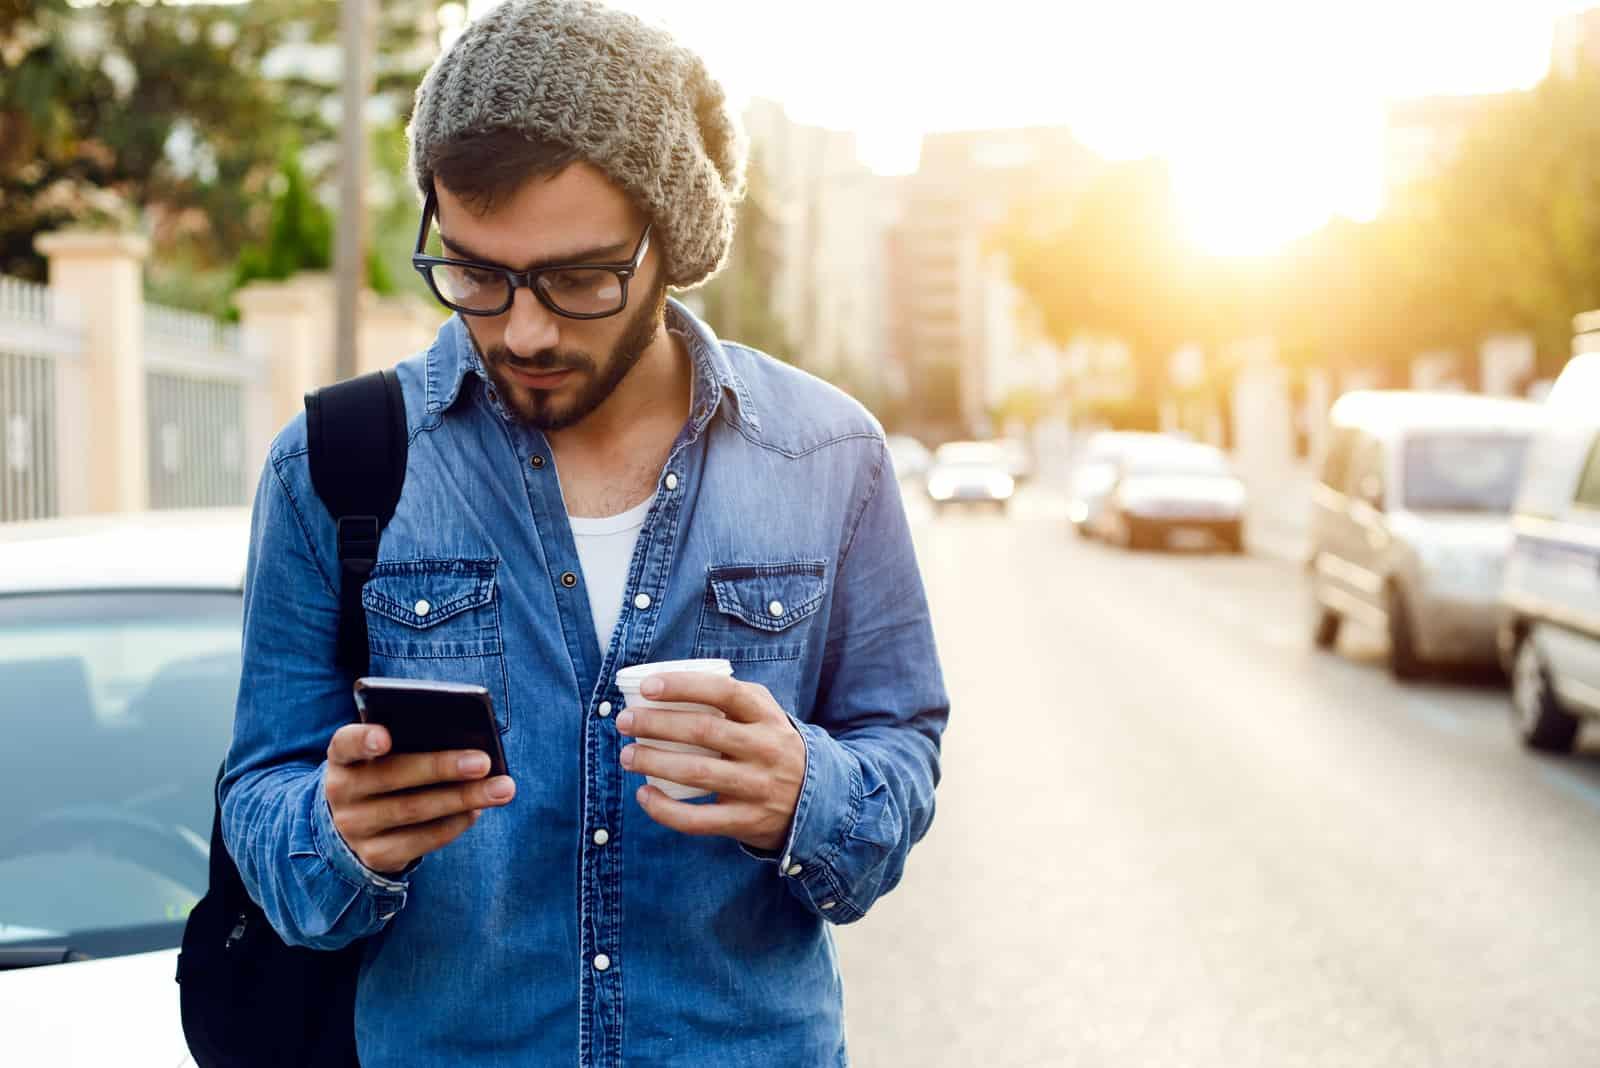 jeune homme moderne avec téléphone portable dans la rue